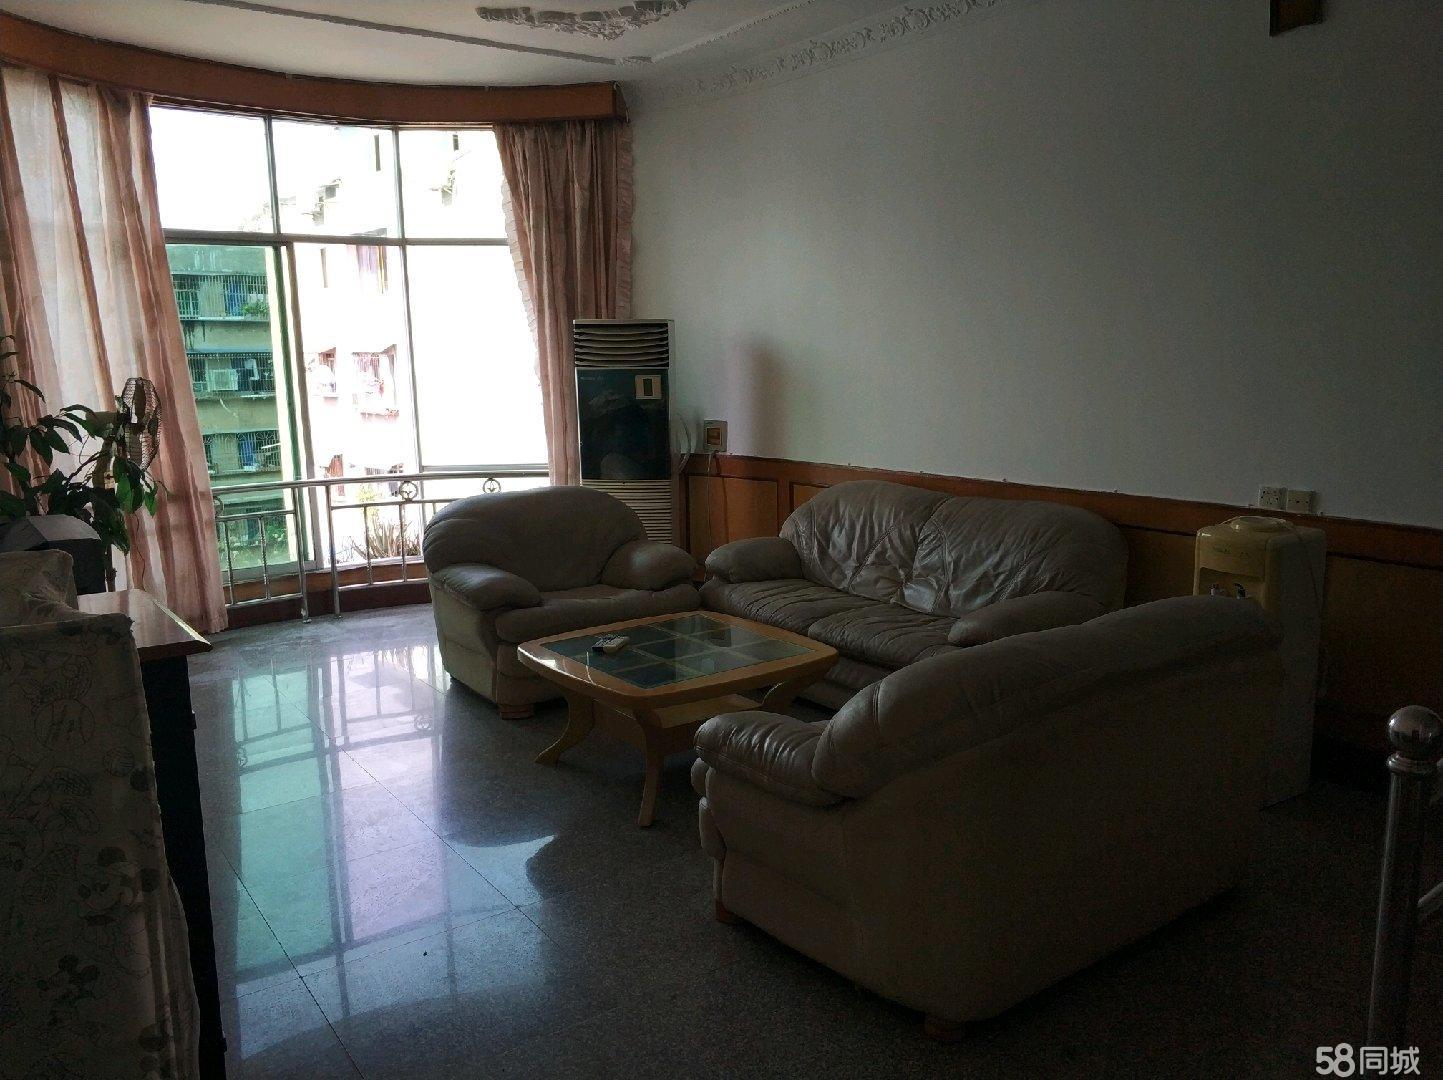 区农商行家属院(建设路32号)4室2厅2卫诚意出售